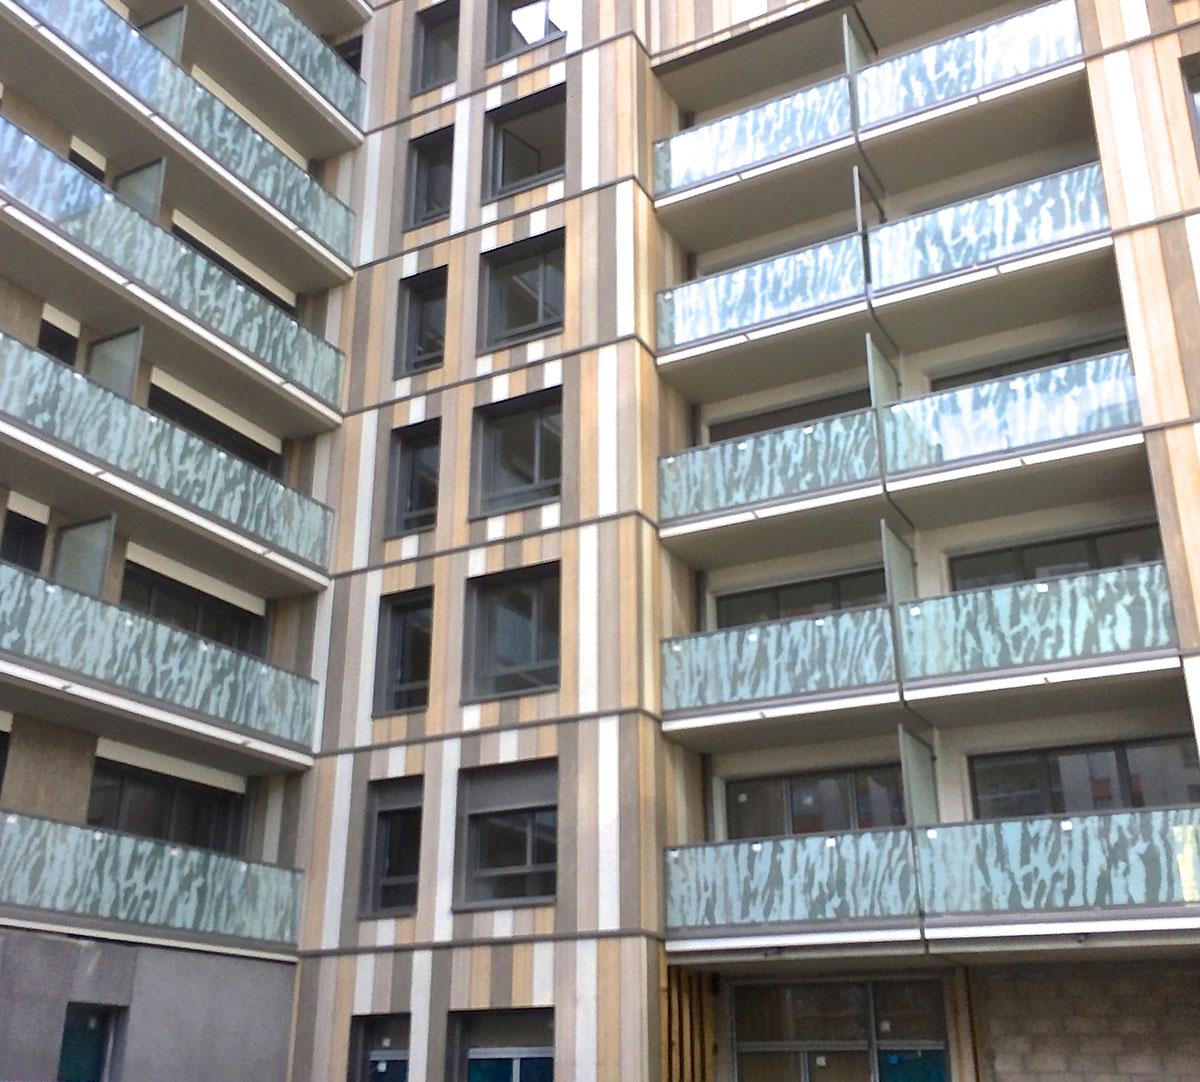 Réalisation Encadrement de fenêtres et couvertines d'acrotères sur bardage bois : image 3